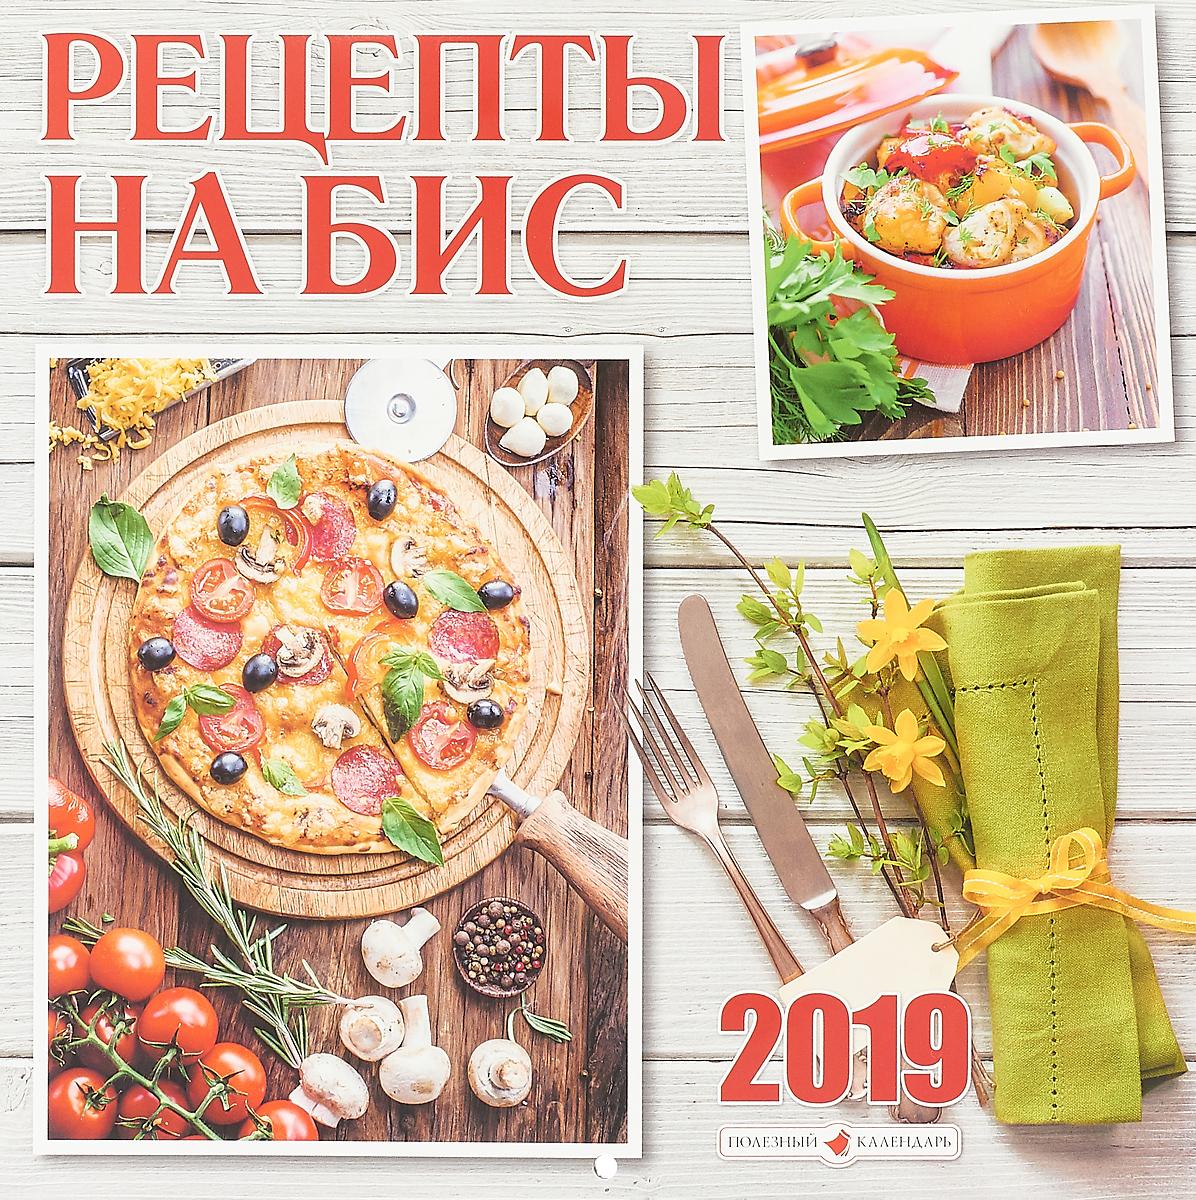 Календарь перекидной на 2019 год. Рецепты на бис календарь перекидной на 2019 год кошачье счастье